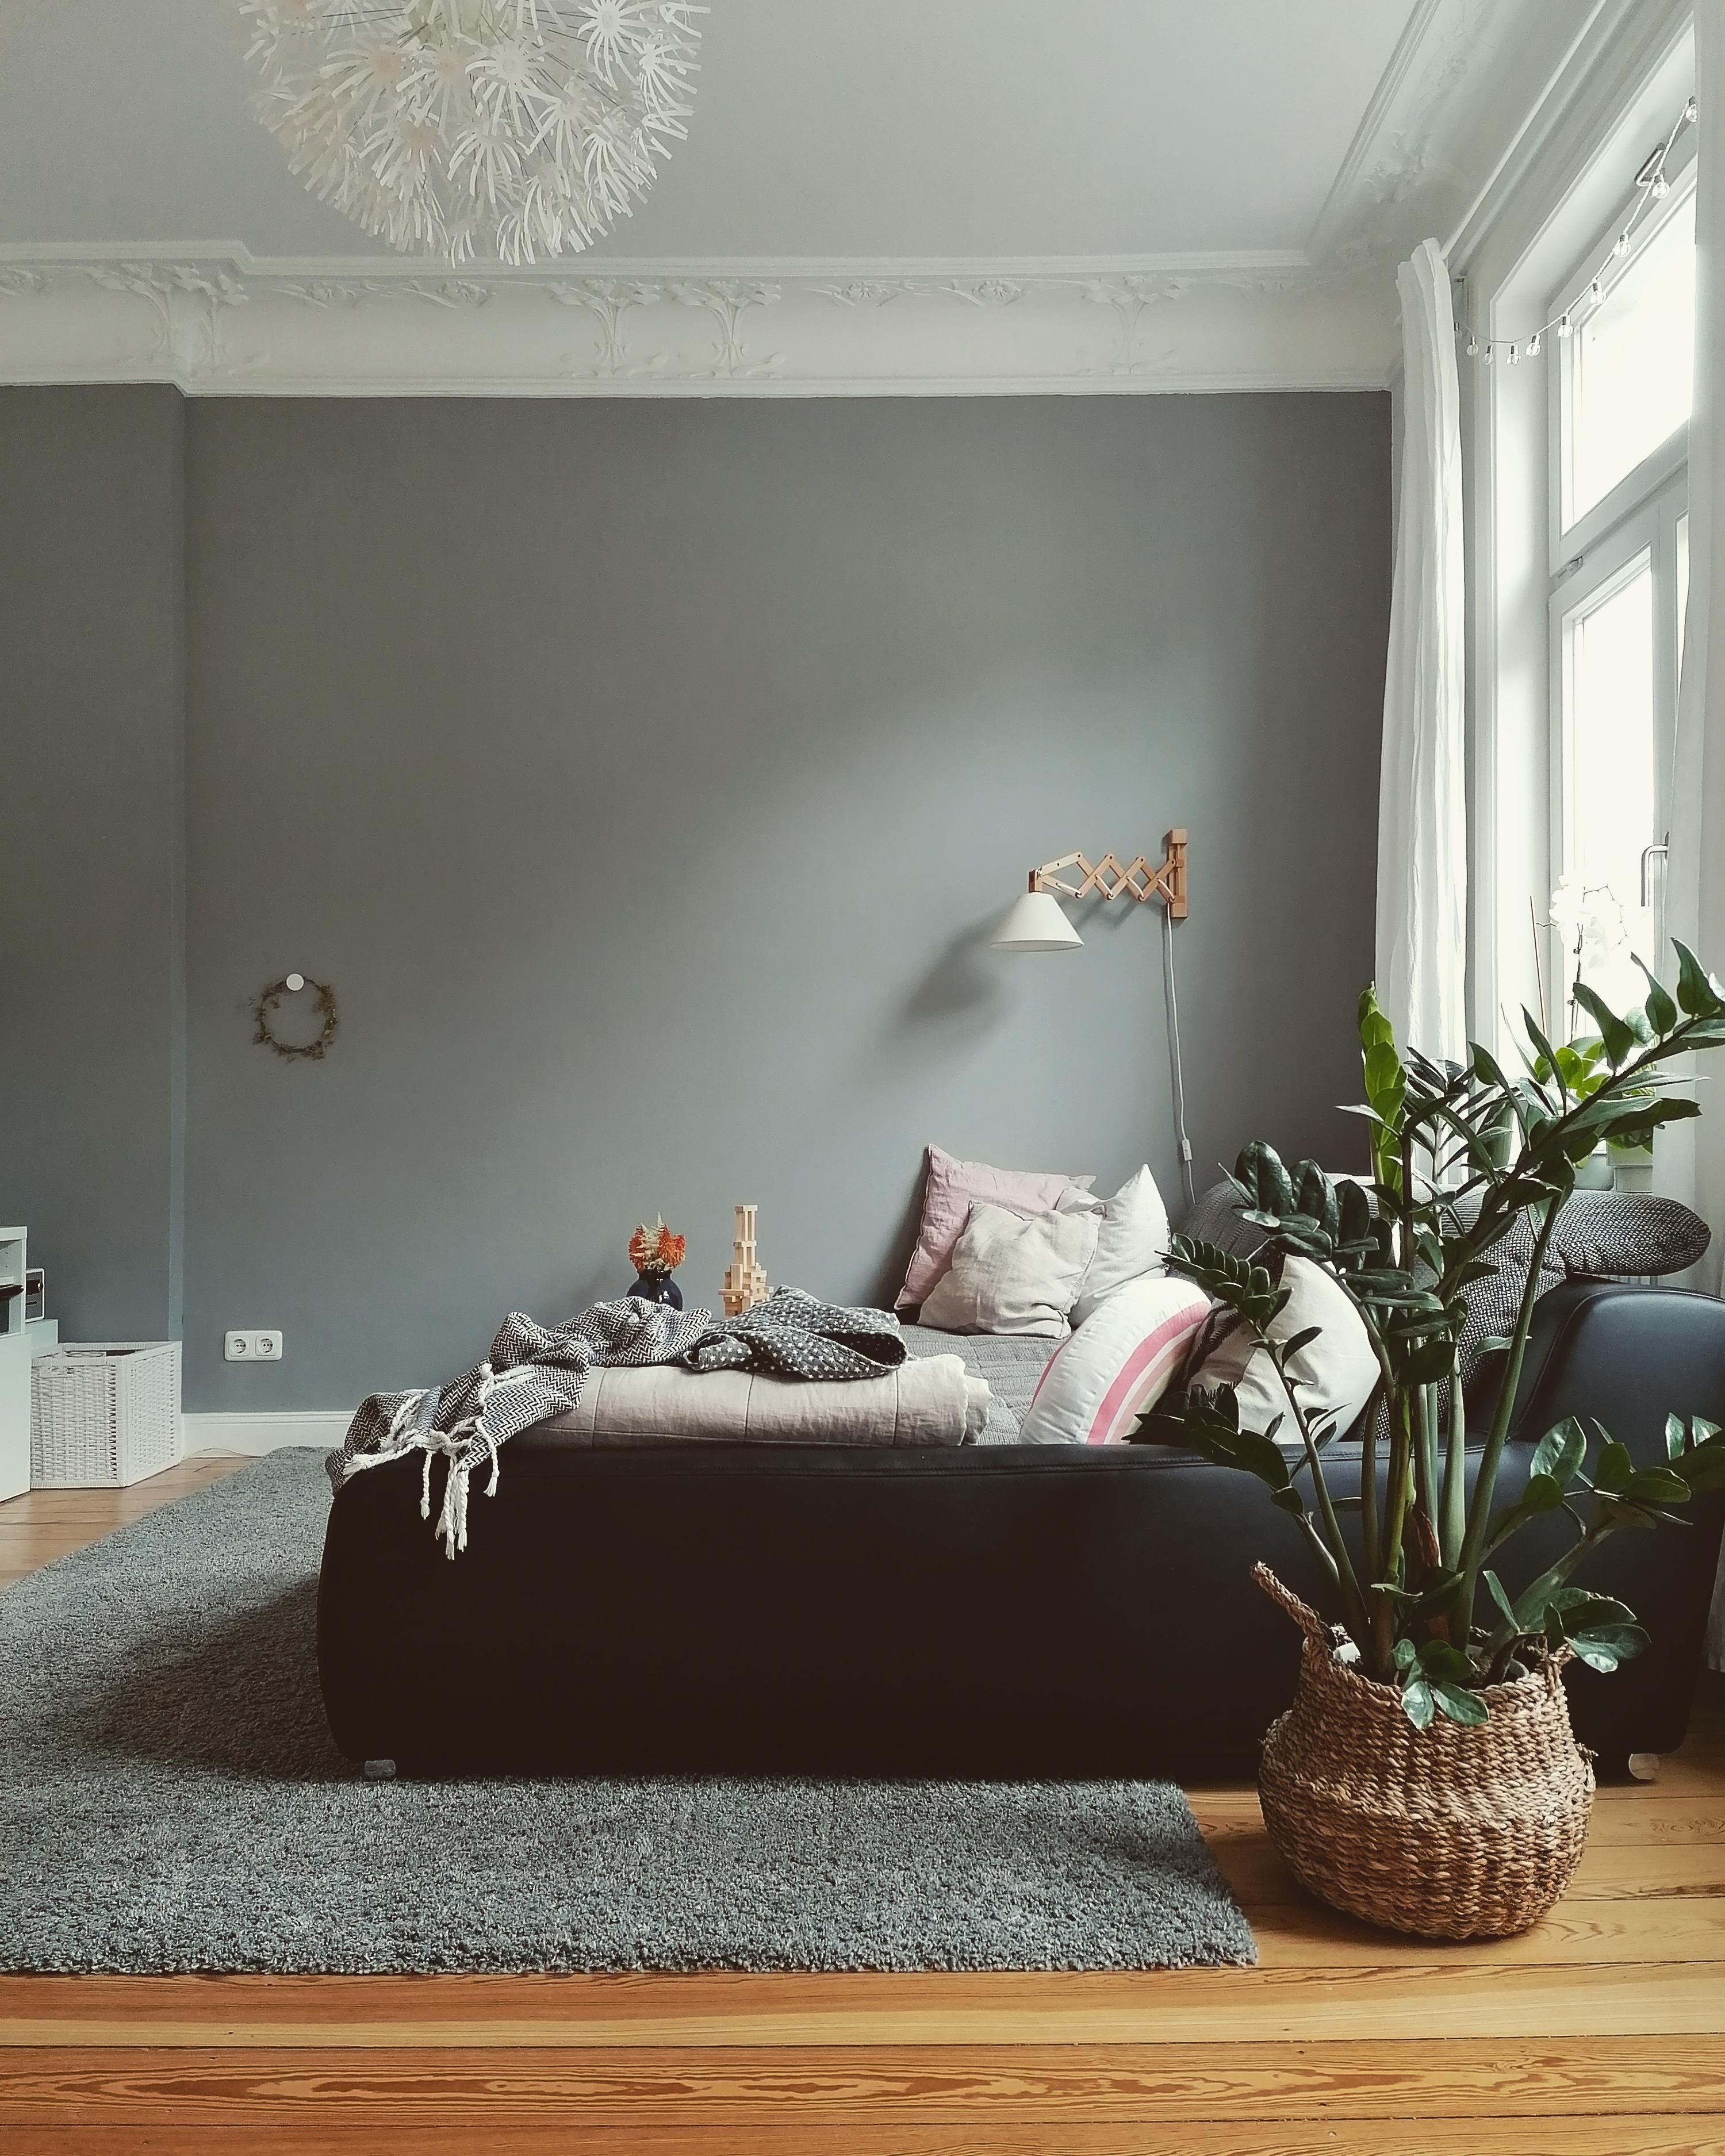 Altbau Hohe Decken nutzen & Räume charmant gestalten! in